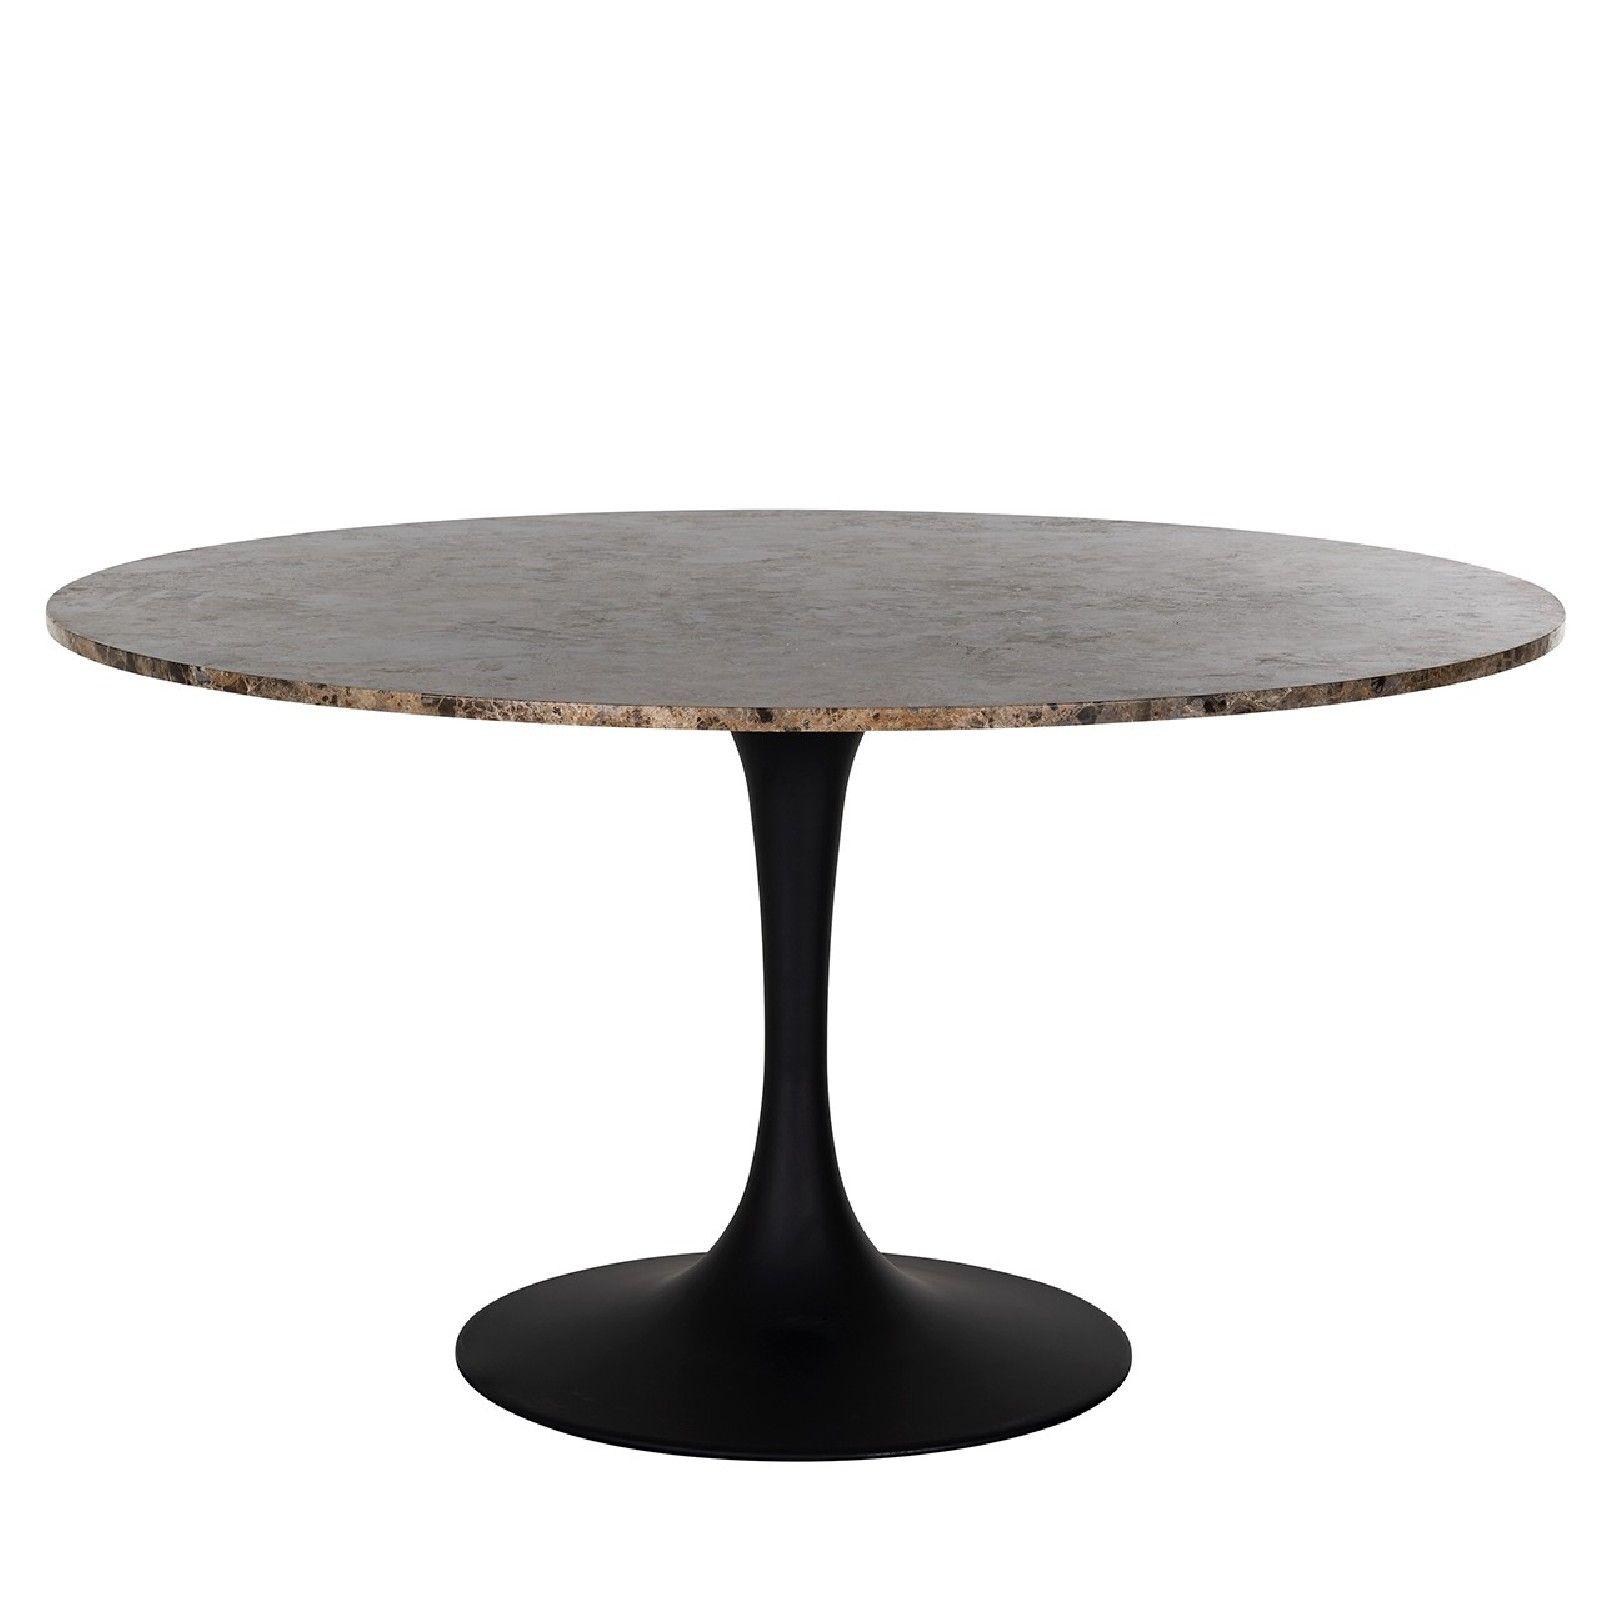 Table a manger Orion 140Ø avec du marbre brun Meuble Déco Tendance - 93